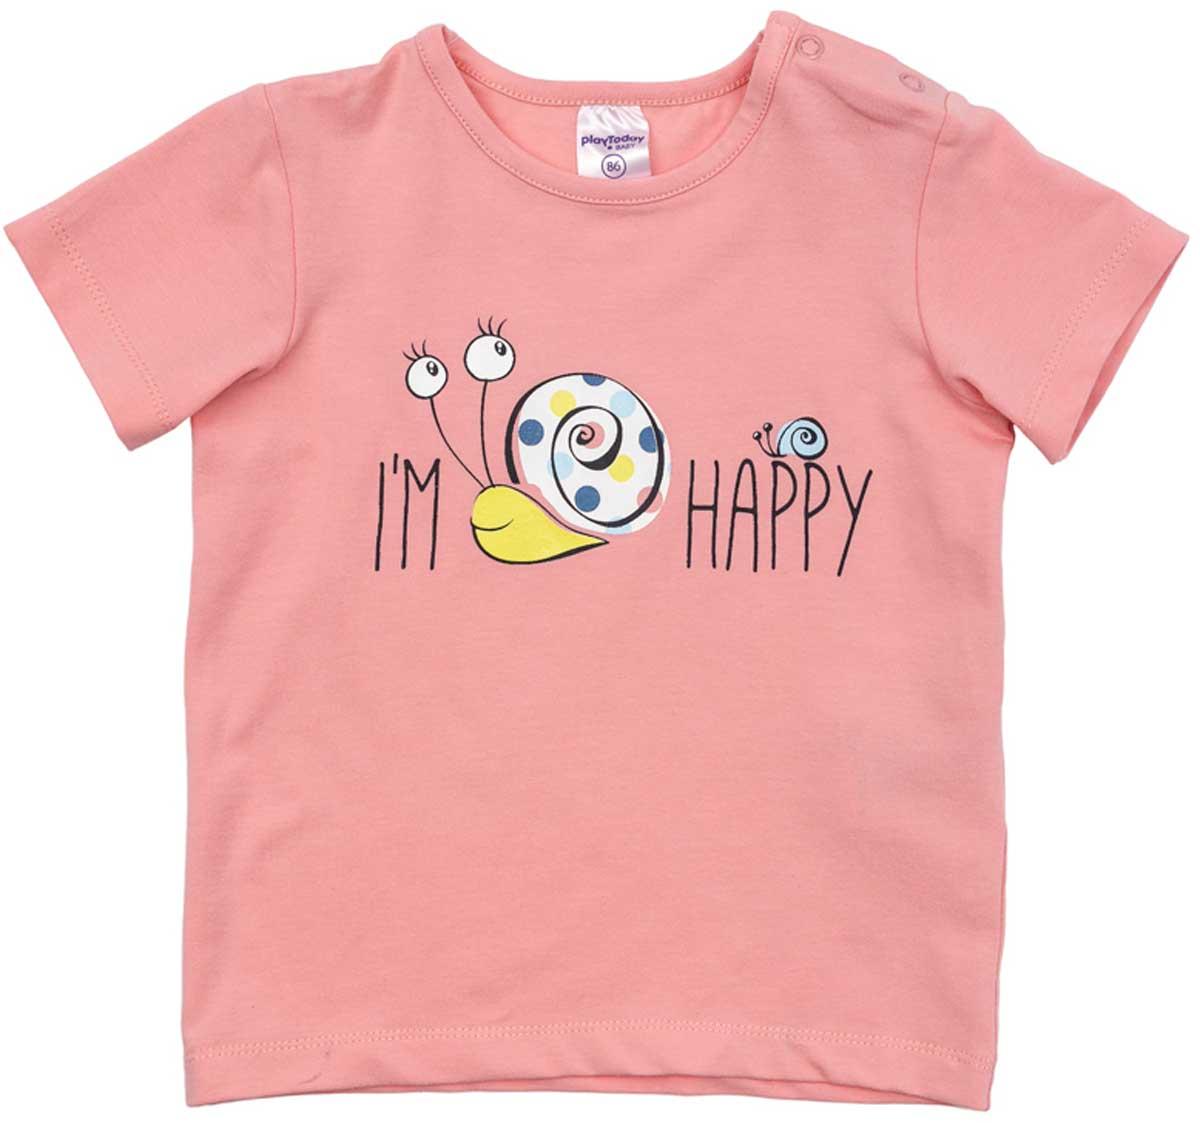 Футболка для девочки PlayToday, цвет: розовый. 178075. Размер 74178075Футболка для девочки PlayToday выполнена из хлопка и эластана. Модель с круглым вырезом горловины и короткими рукавами оформлена оригинальным принтом.